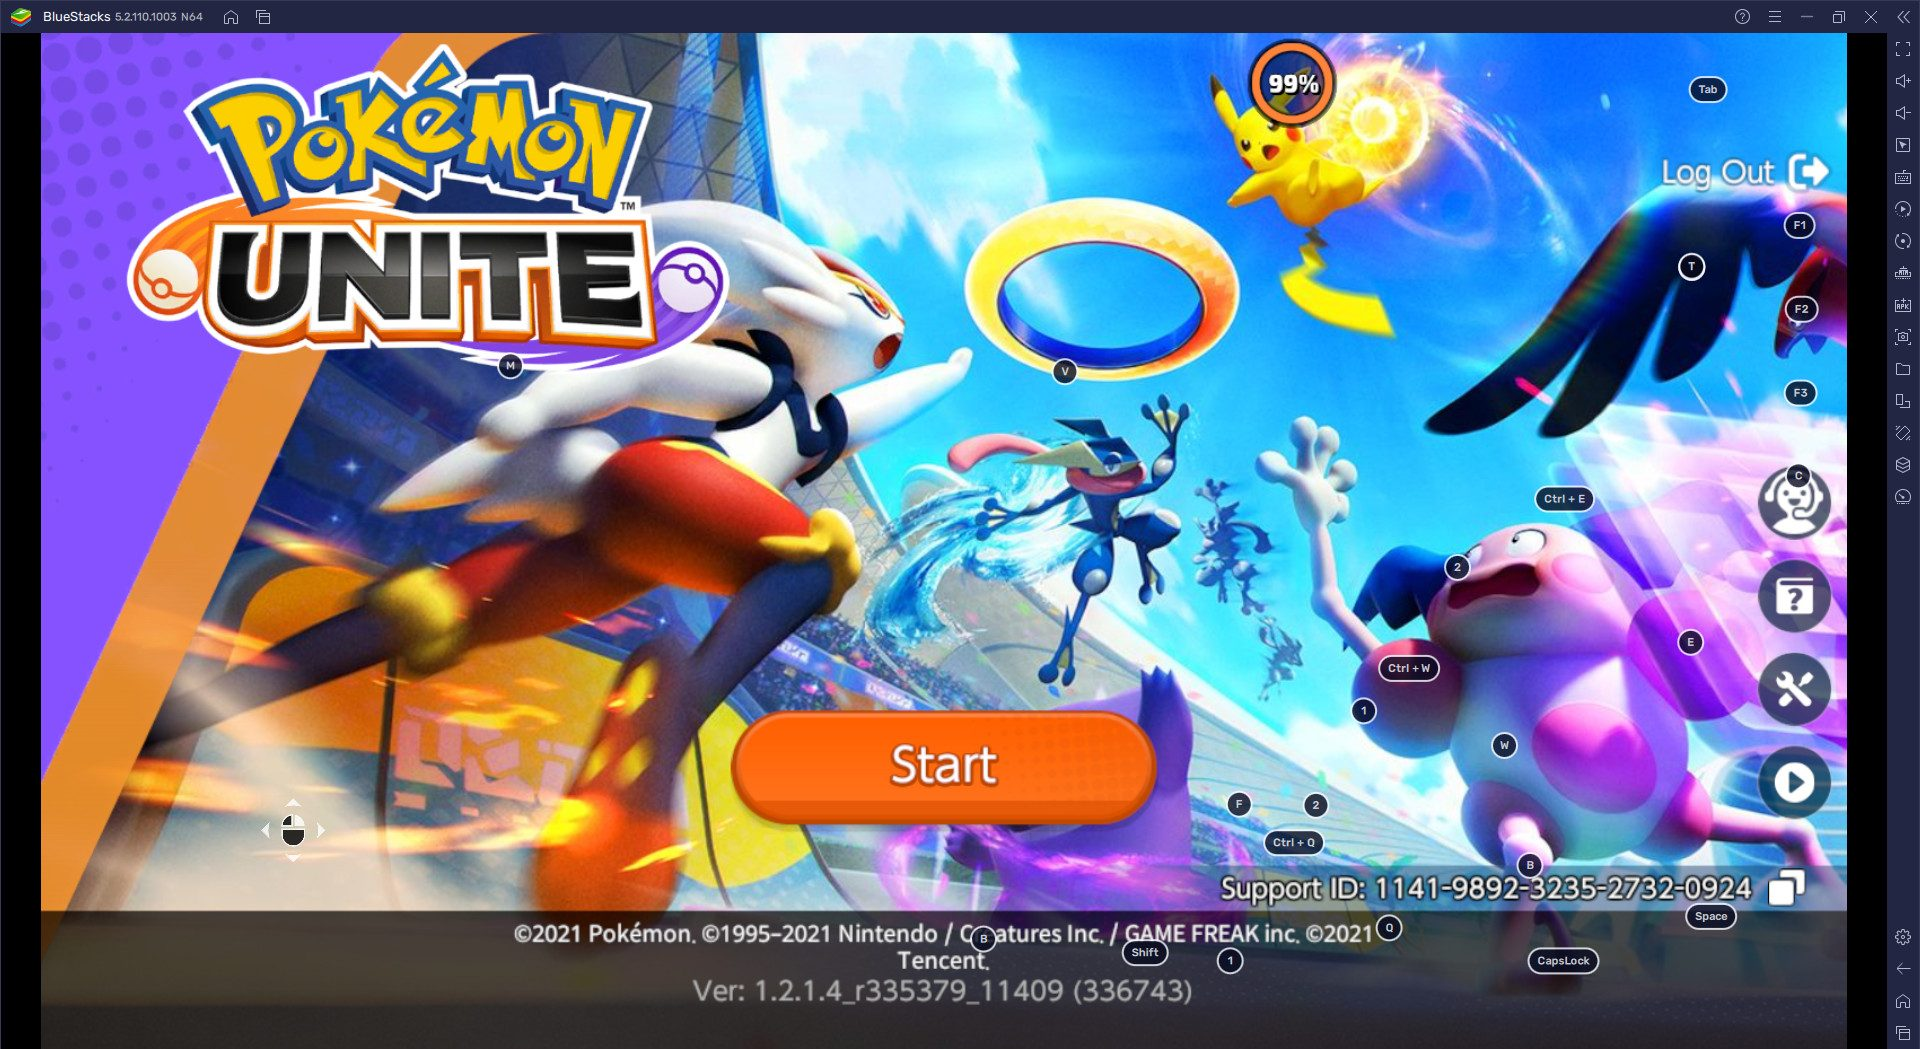 คู่มือสำหรับผู้เริ่มต้น Pokémon UNITE รู้ก่อนสนุกก่อน ได้เปรียบก่อนใคร